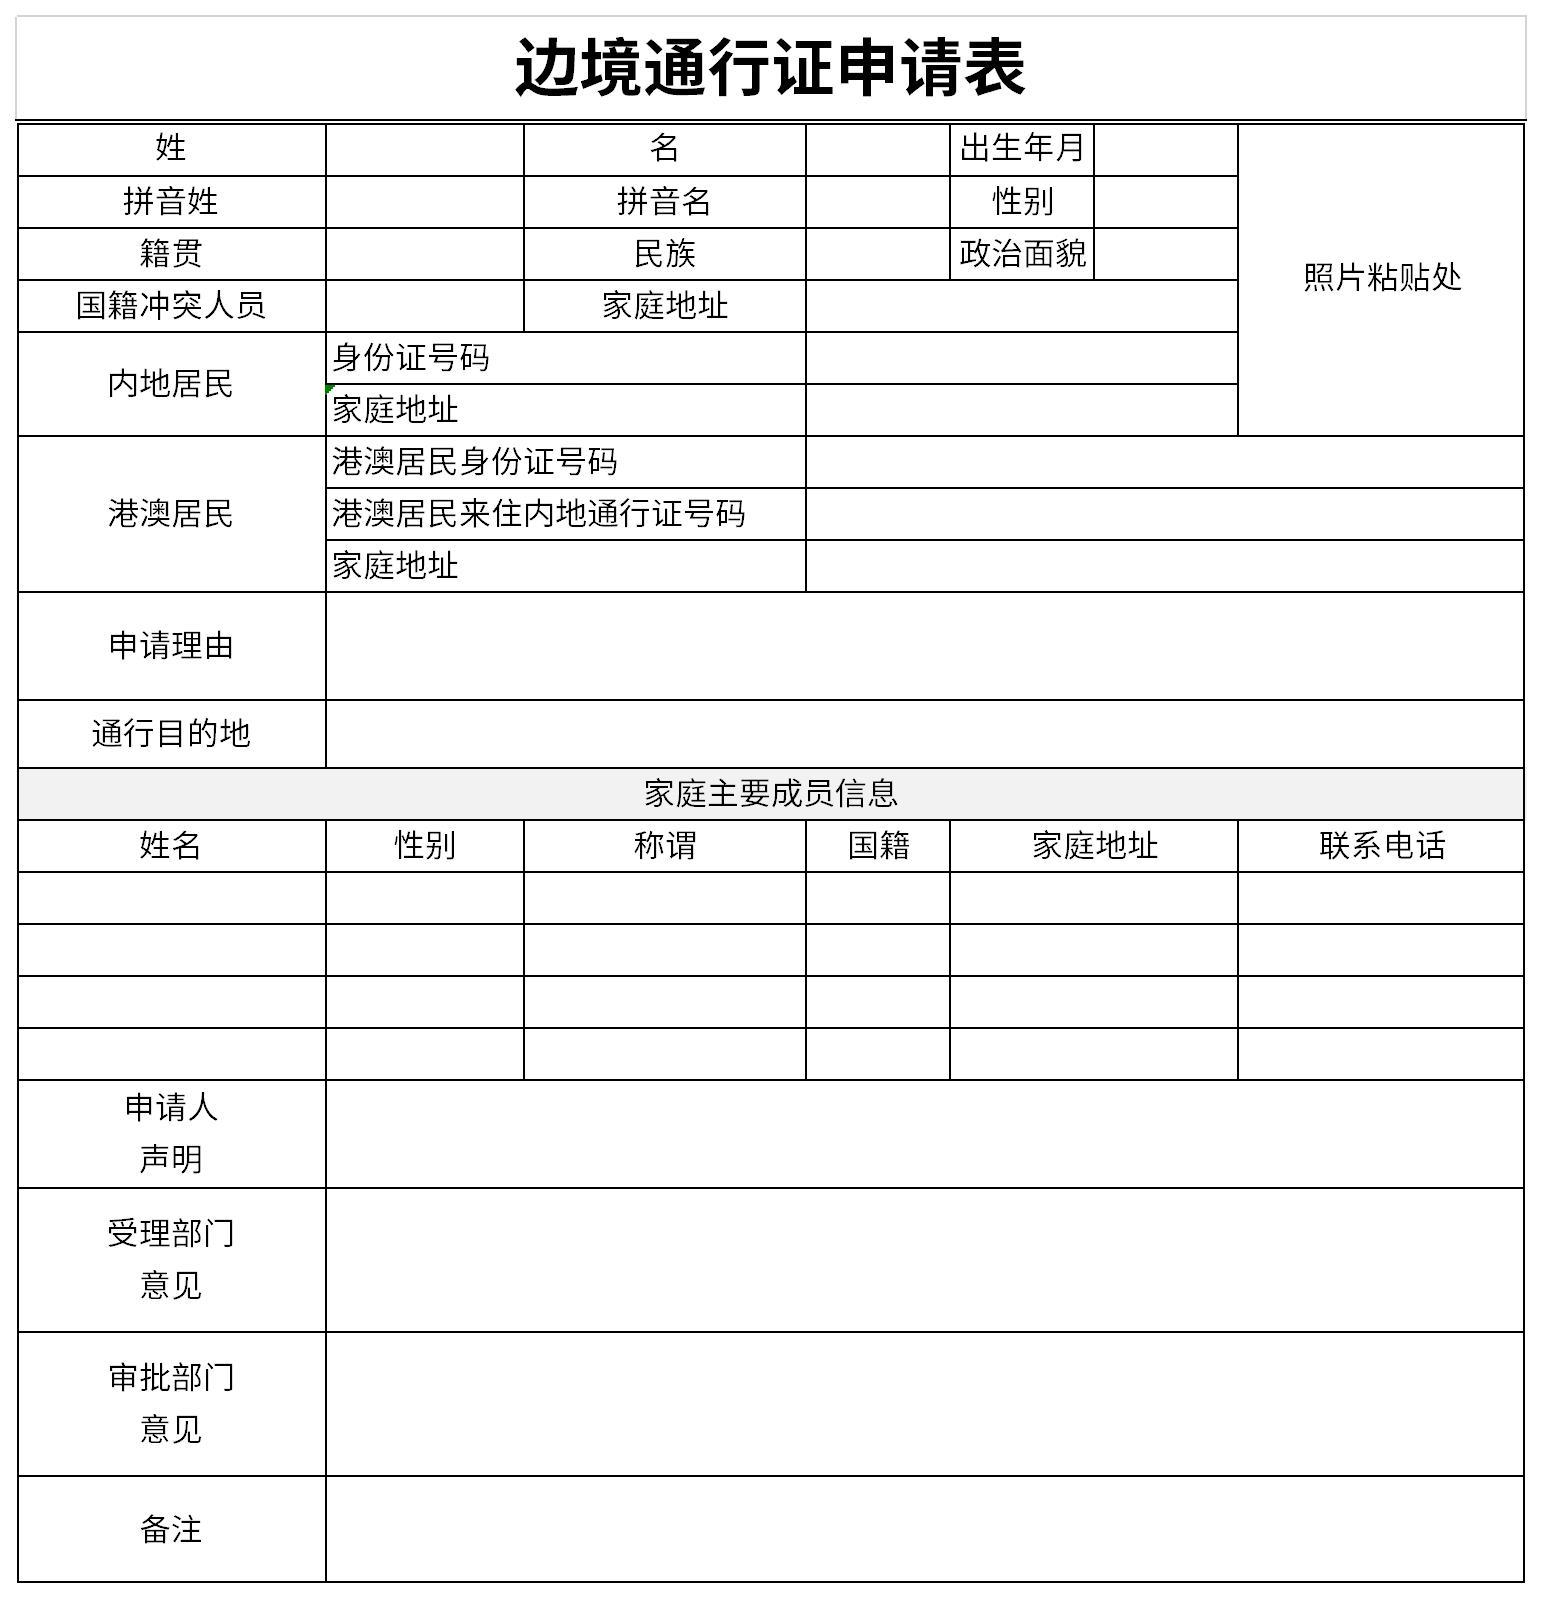 邊境通行證申請表截圖